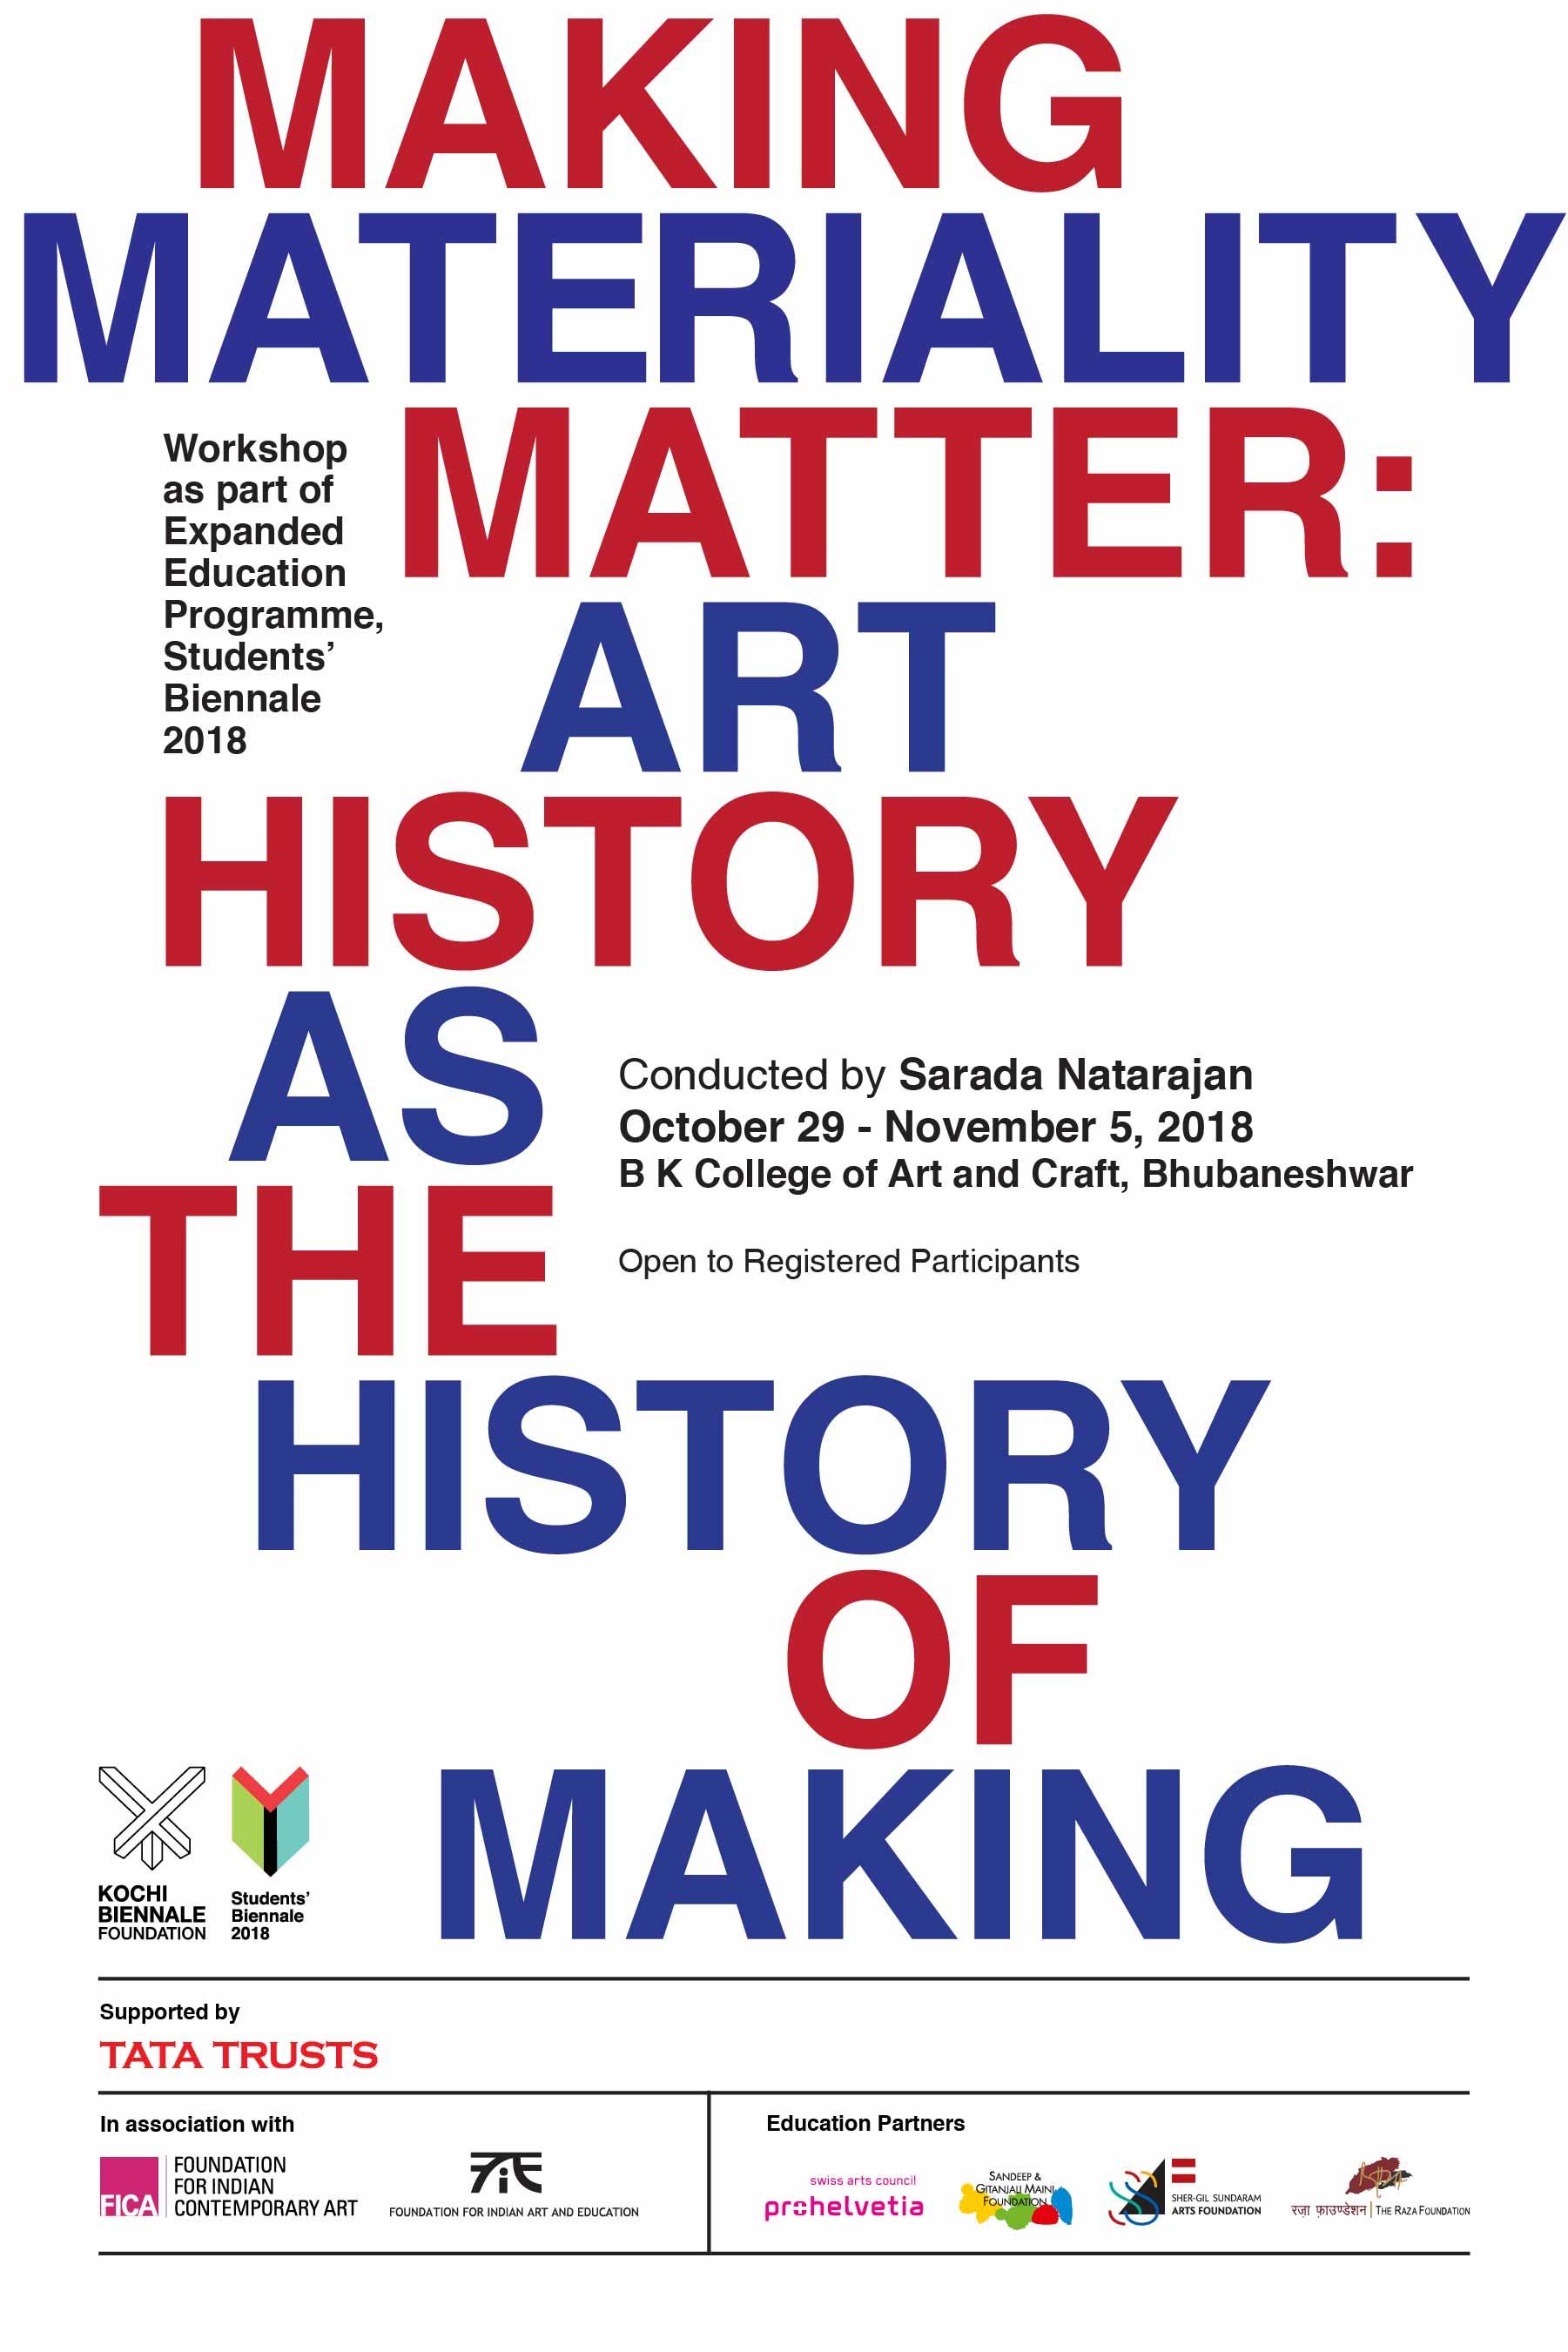 BHUBANESWAR | 29 October – 5 November 2018    Making Materiality Matter: Art History as the History of Making   by Sarada Natarajan